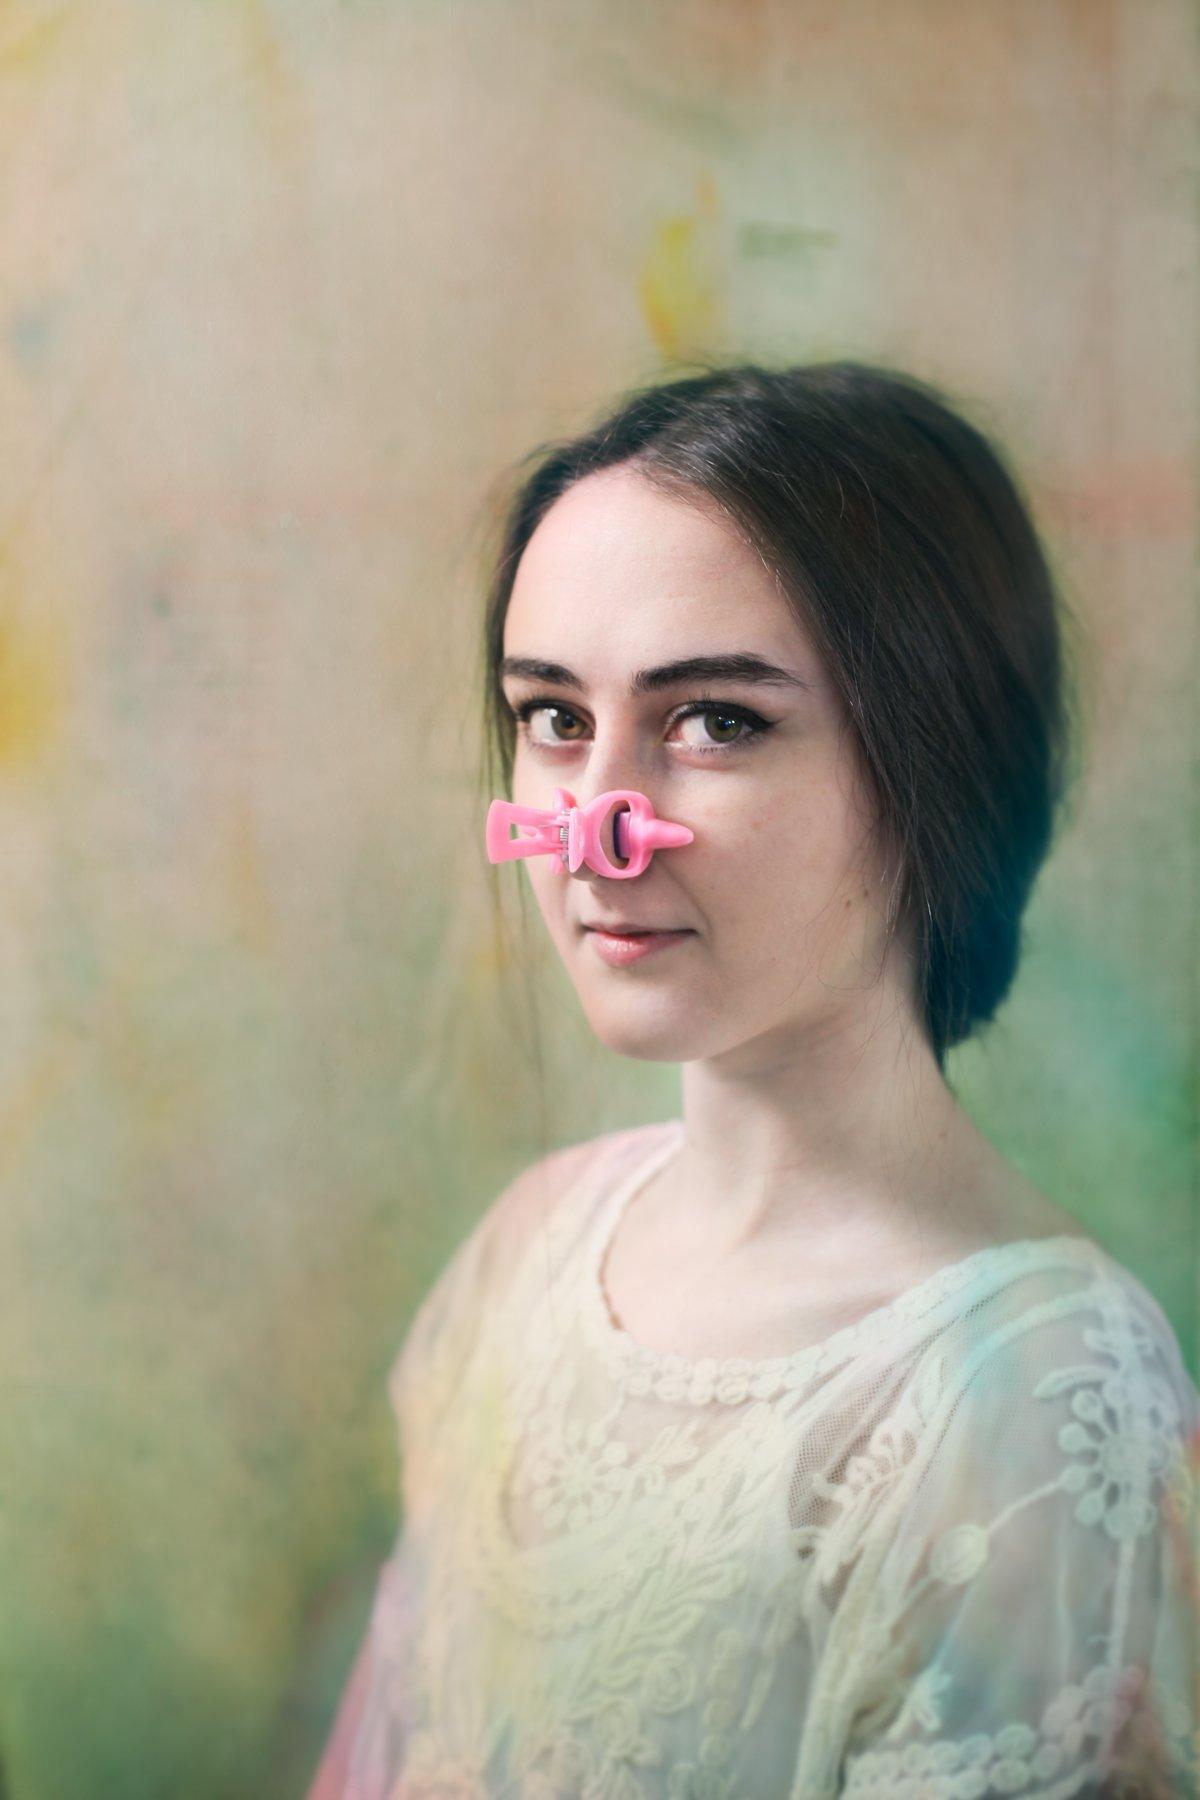 Прищепка на нос и утиные губы: на что готовы женщины ради красоты и молодости